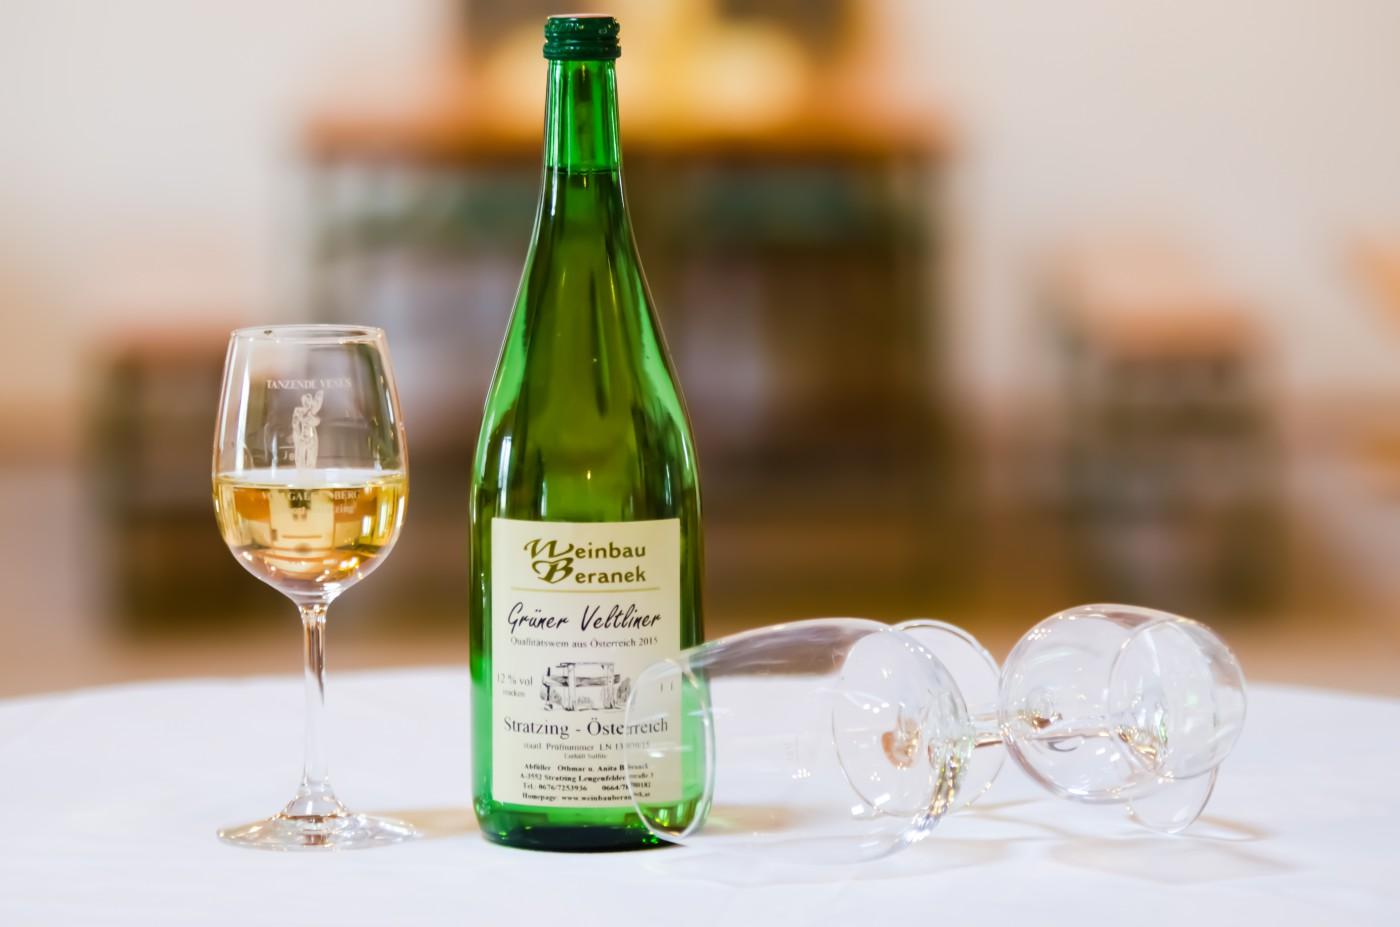 Gruener Veltliner 2015 - Weinbau Beranek